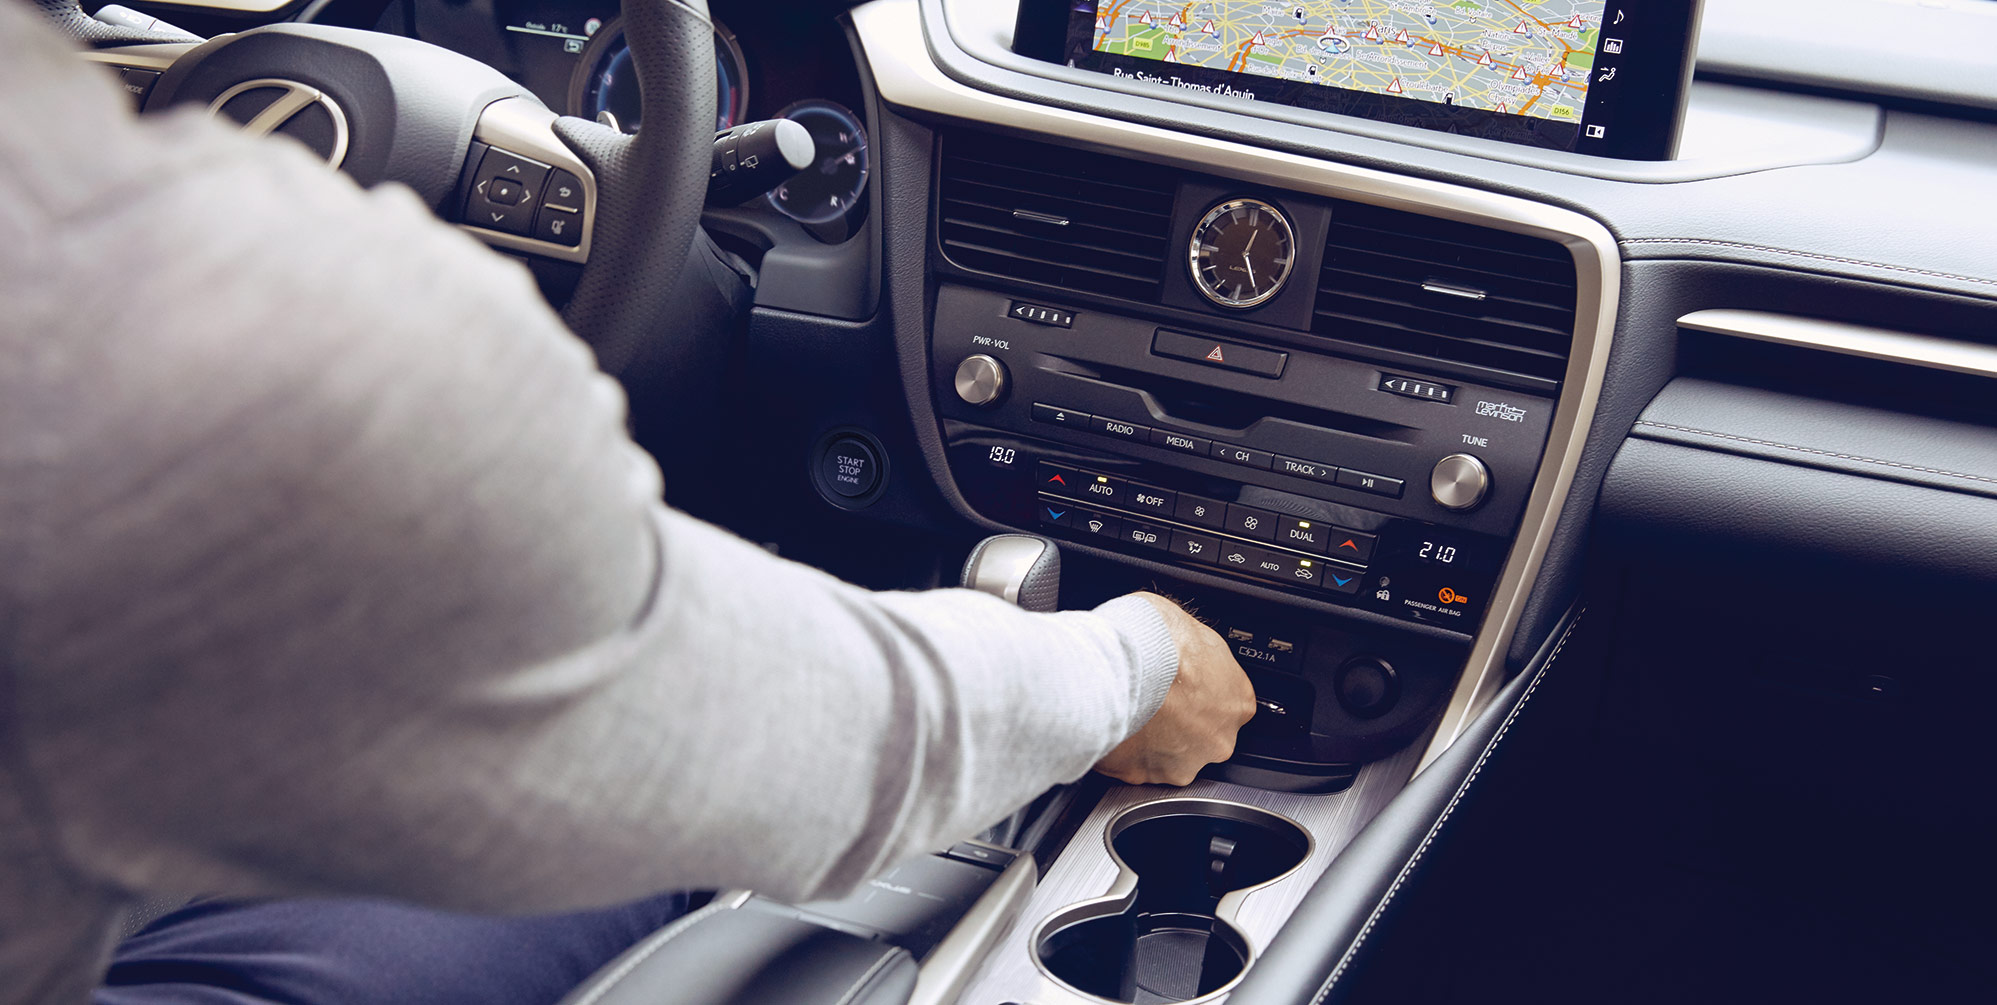 Araç Klima Temizleme Nasıl Yapılır 1997x1005 02 Image